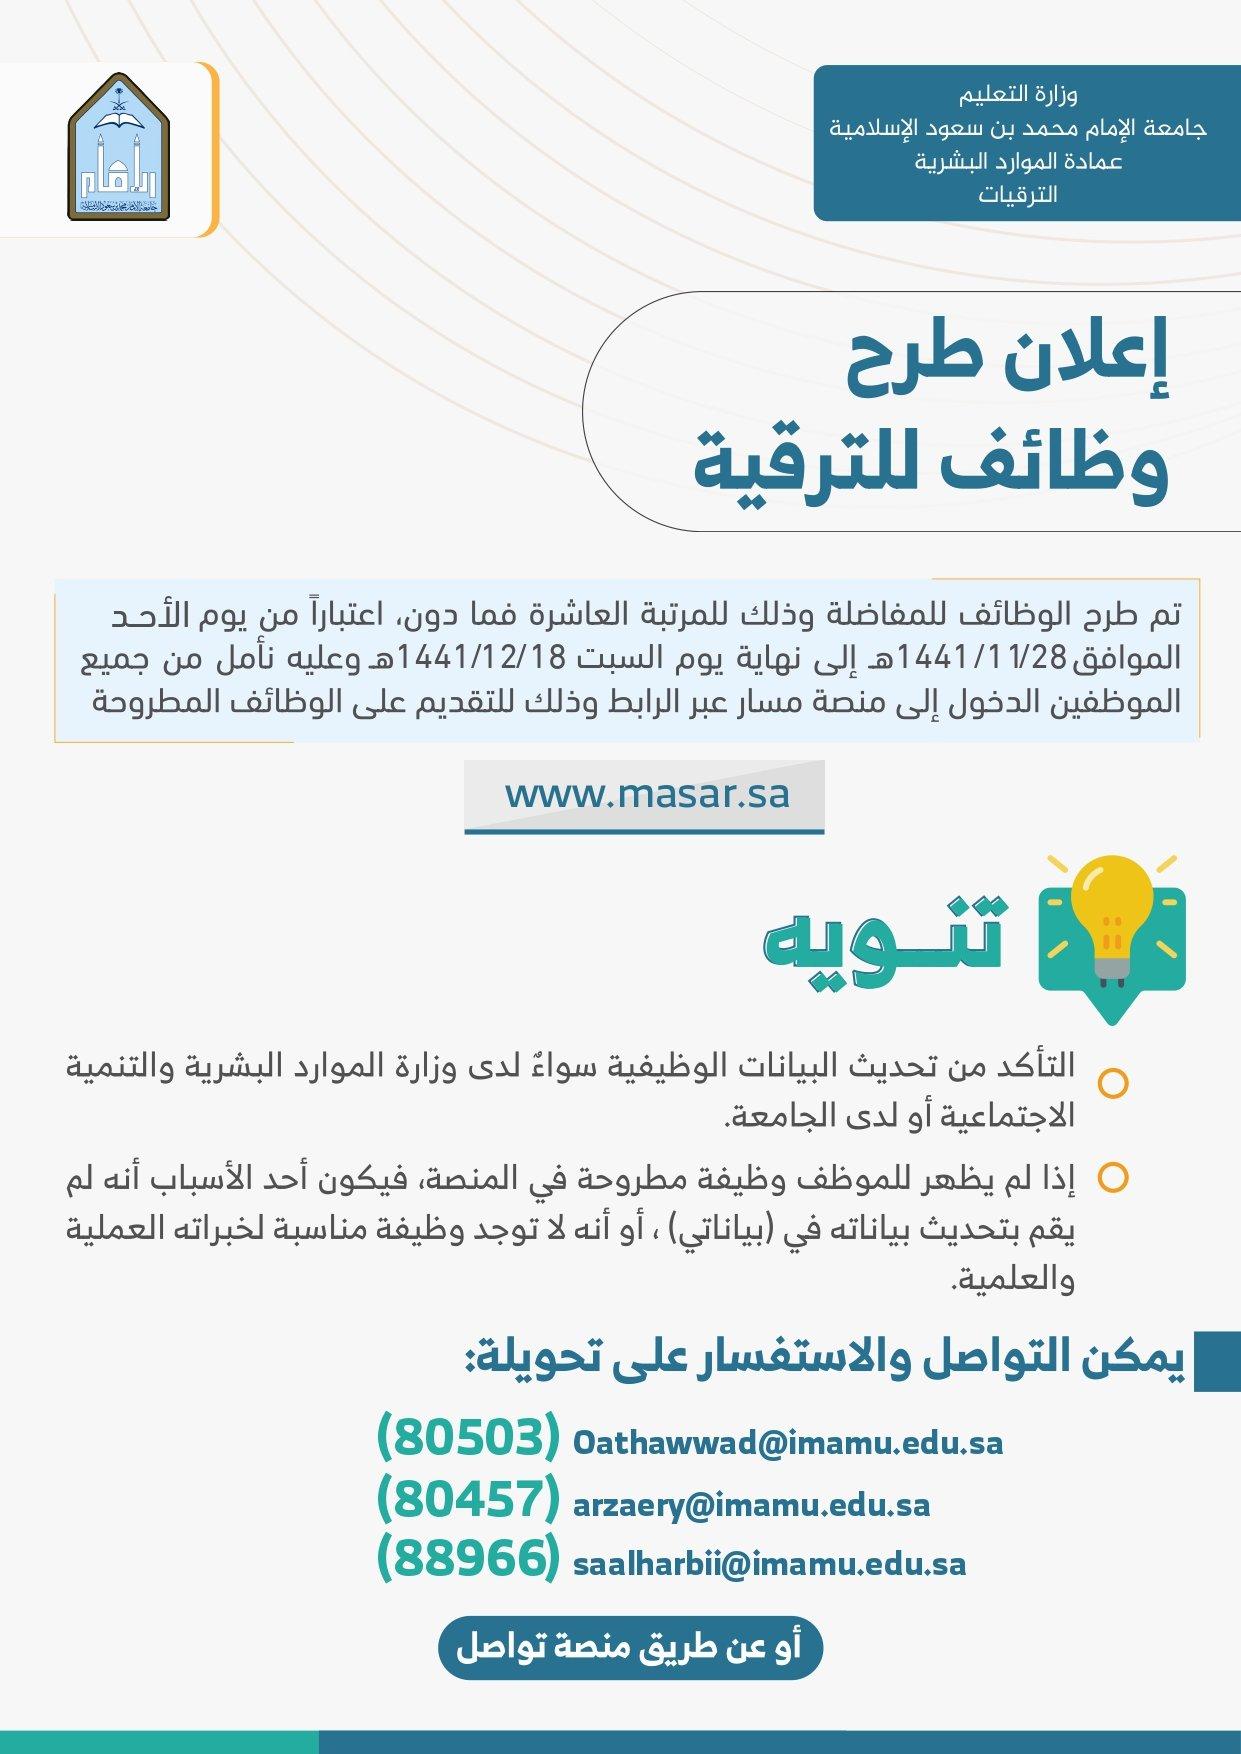 جامعة الإمام محمد بن سعود الإسلامية On Twitter عمادة الموارد البشرية في جامعة الإمام تعلن عن طرح وظائف للترقية للمرتبة العاشرة فما دون اعتبارا من يوم الأحد ٢٨ ذي القعدة ١٤٤١هـ إلى يوم